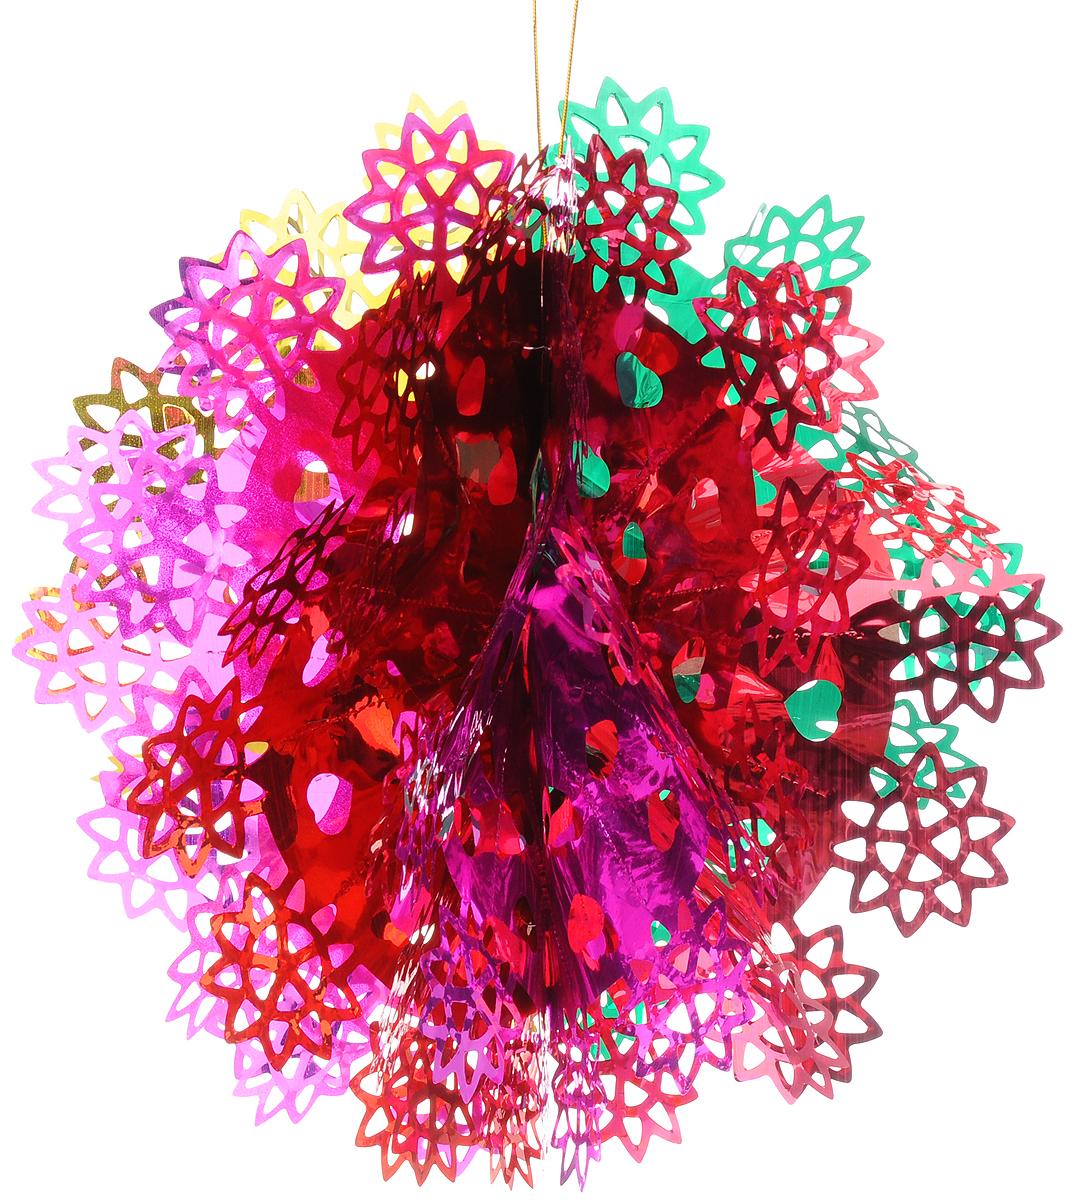 Украшение новогоднее подвесное Magic Time Снежинка цветная, 35 x 1842127Новогоднее подвесное украшение Magic Time Снежинка цветная выполнено из ПЭТ (полиэтилентерефталат) в виде снежинки. С помощью специальной петельки украшение можно повесить в любом понравившемся вам месте. Игрушка удачно будет смотреться под потолком.Новогоднее украшение Magic Time Снежинка цветная несет в себе волшебство и красоту праздника. Создайте в своем доме атмосферу веселья и радости, с помощью игрушек, которые будут из года в год накапливать теплоту воспоминаний.Материал: полиэтилентерефталат. Размер: 35 х 18 см.